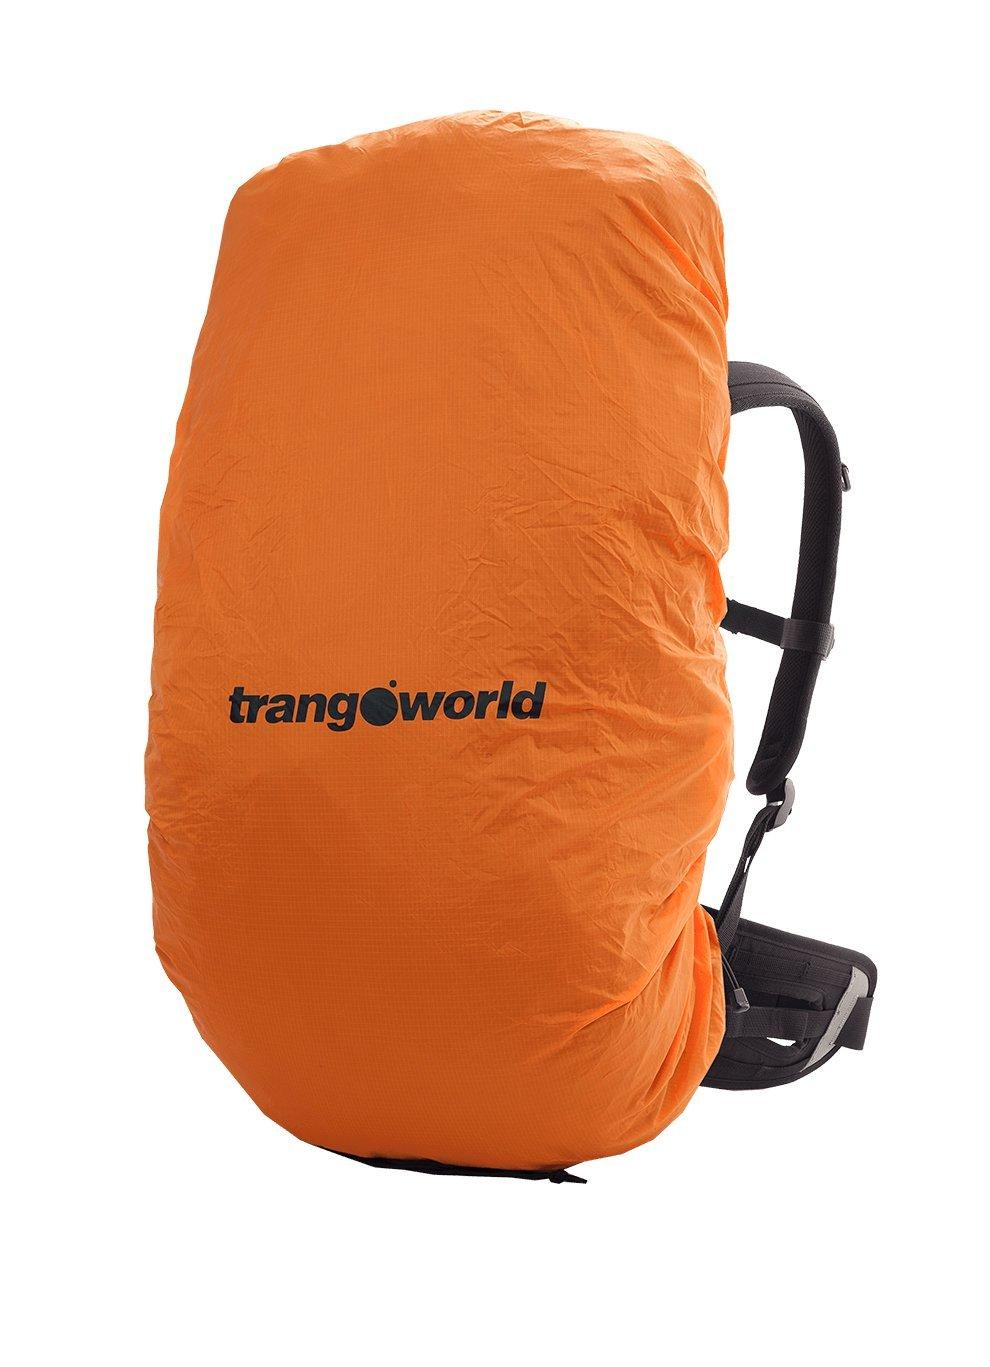 TRANGO Light On Cubre Mochilas, Unisex Adulto, Naranja, L: Amazon.es: Deportes y aire libre